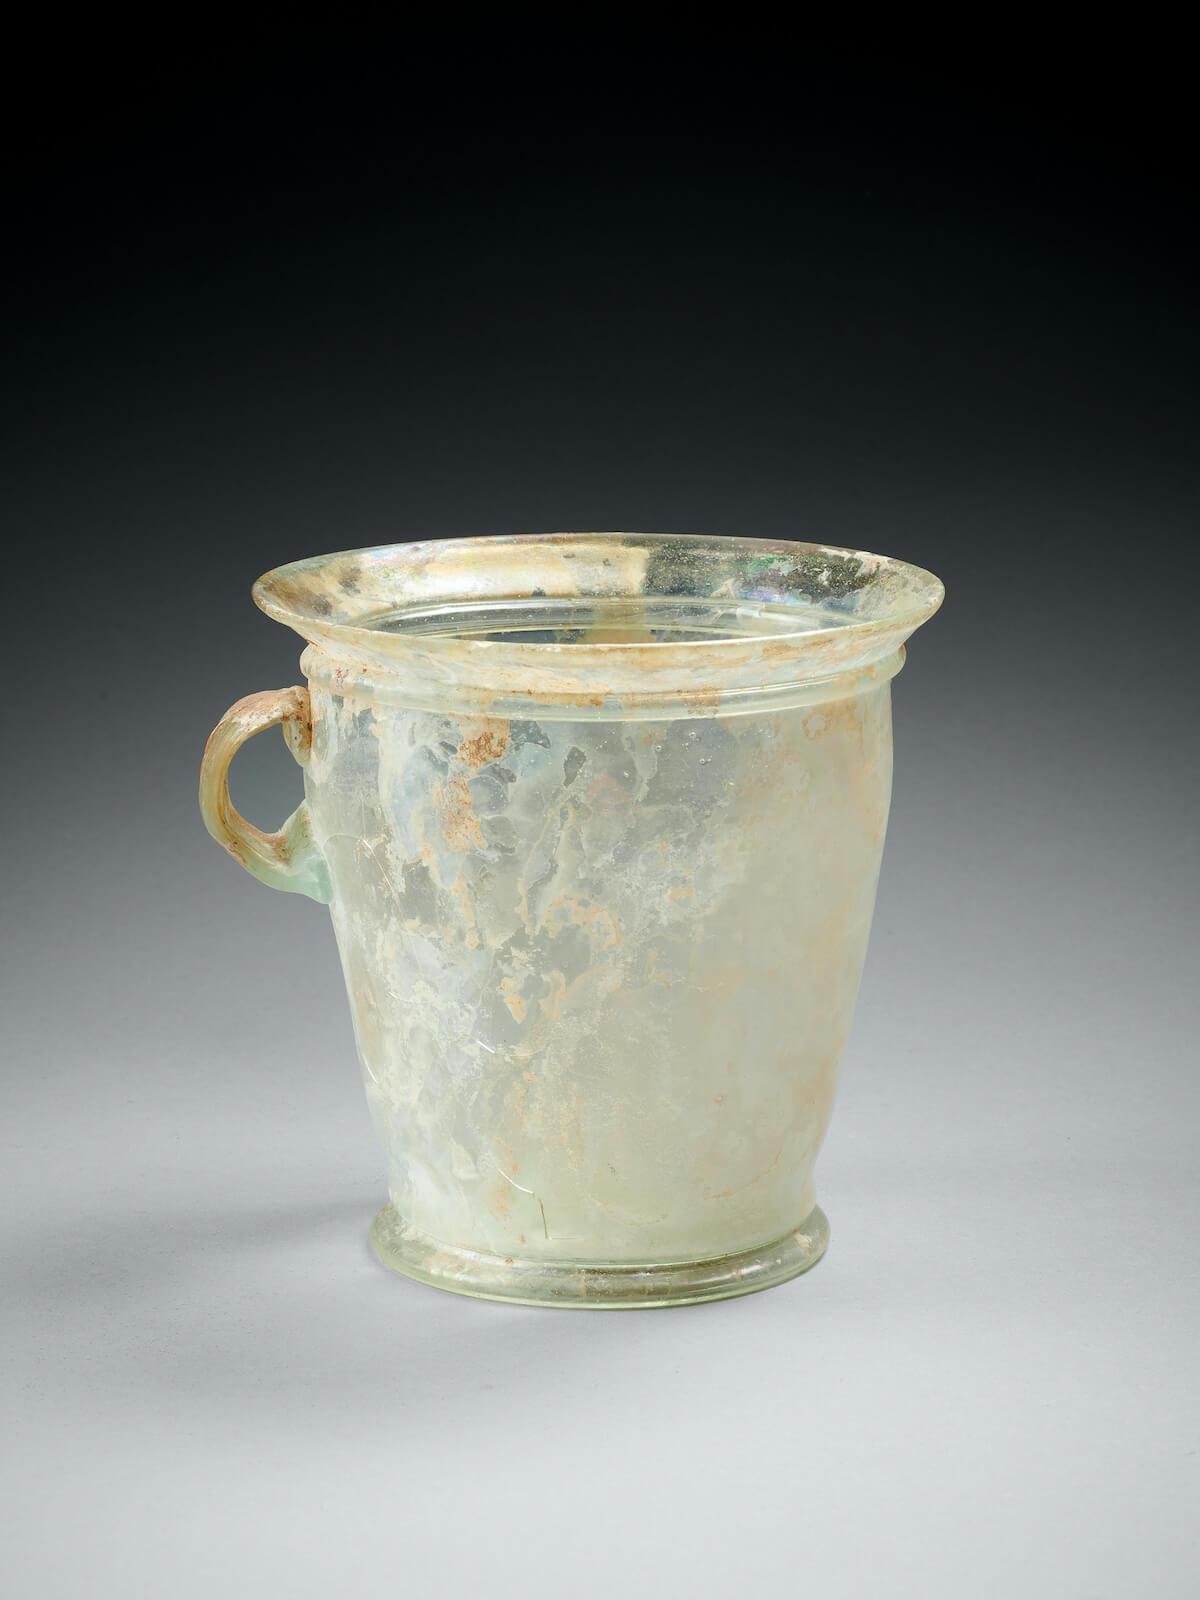 Modiolus en verre romain